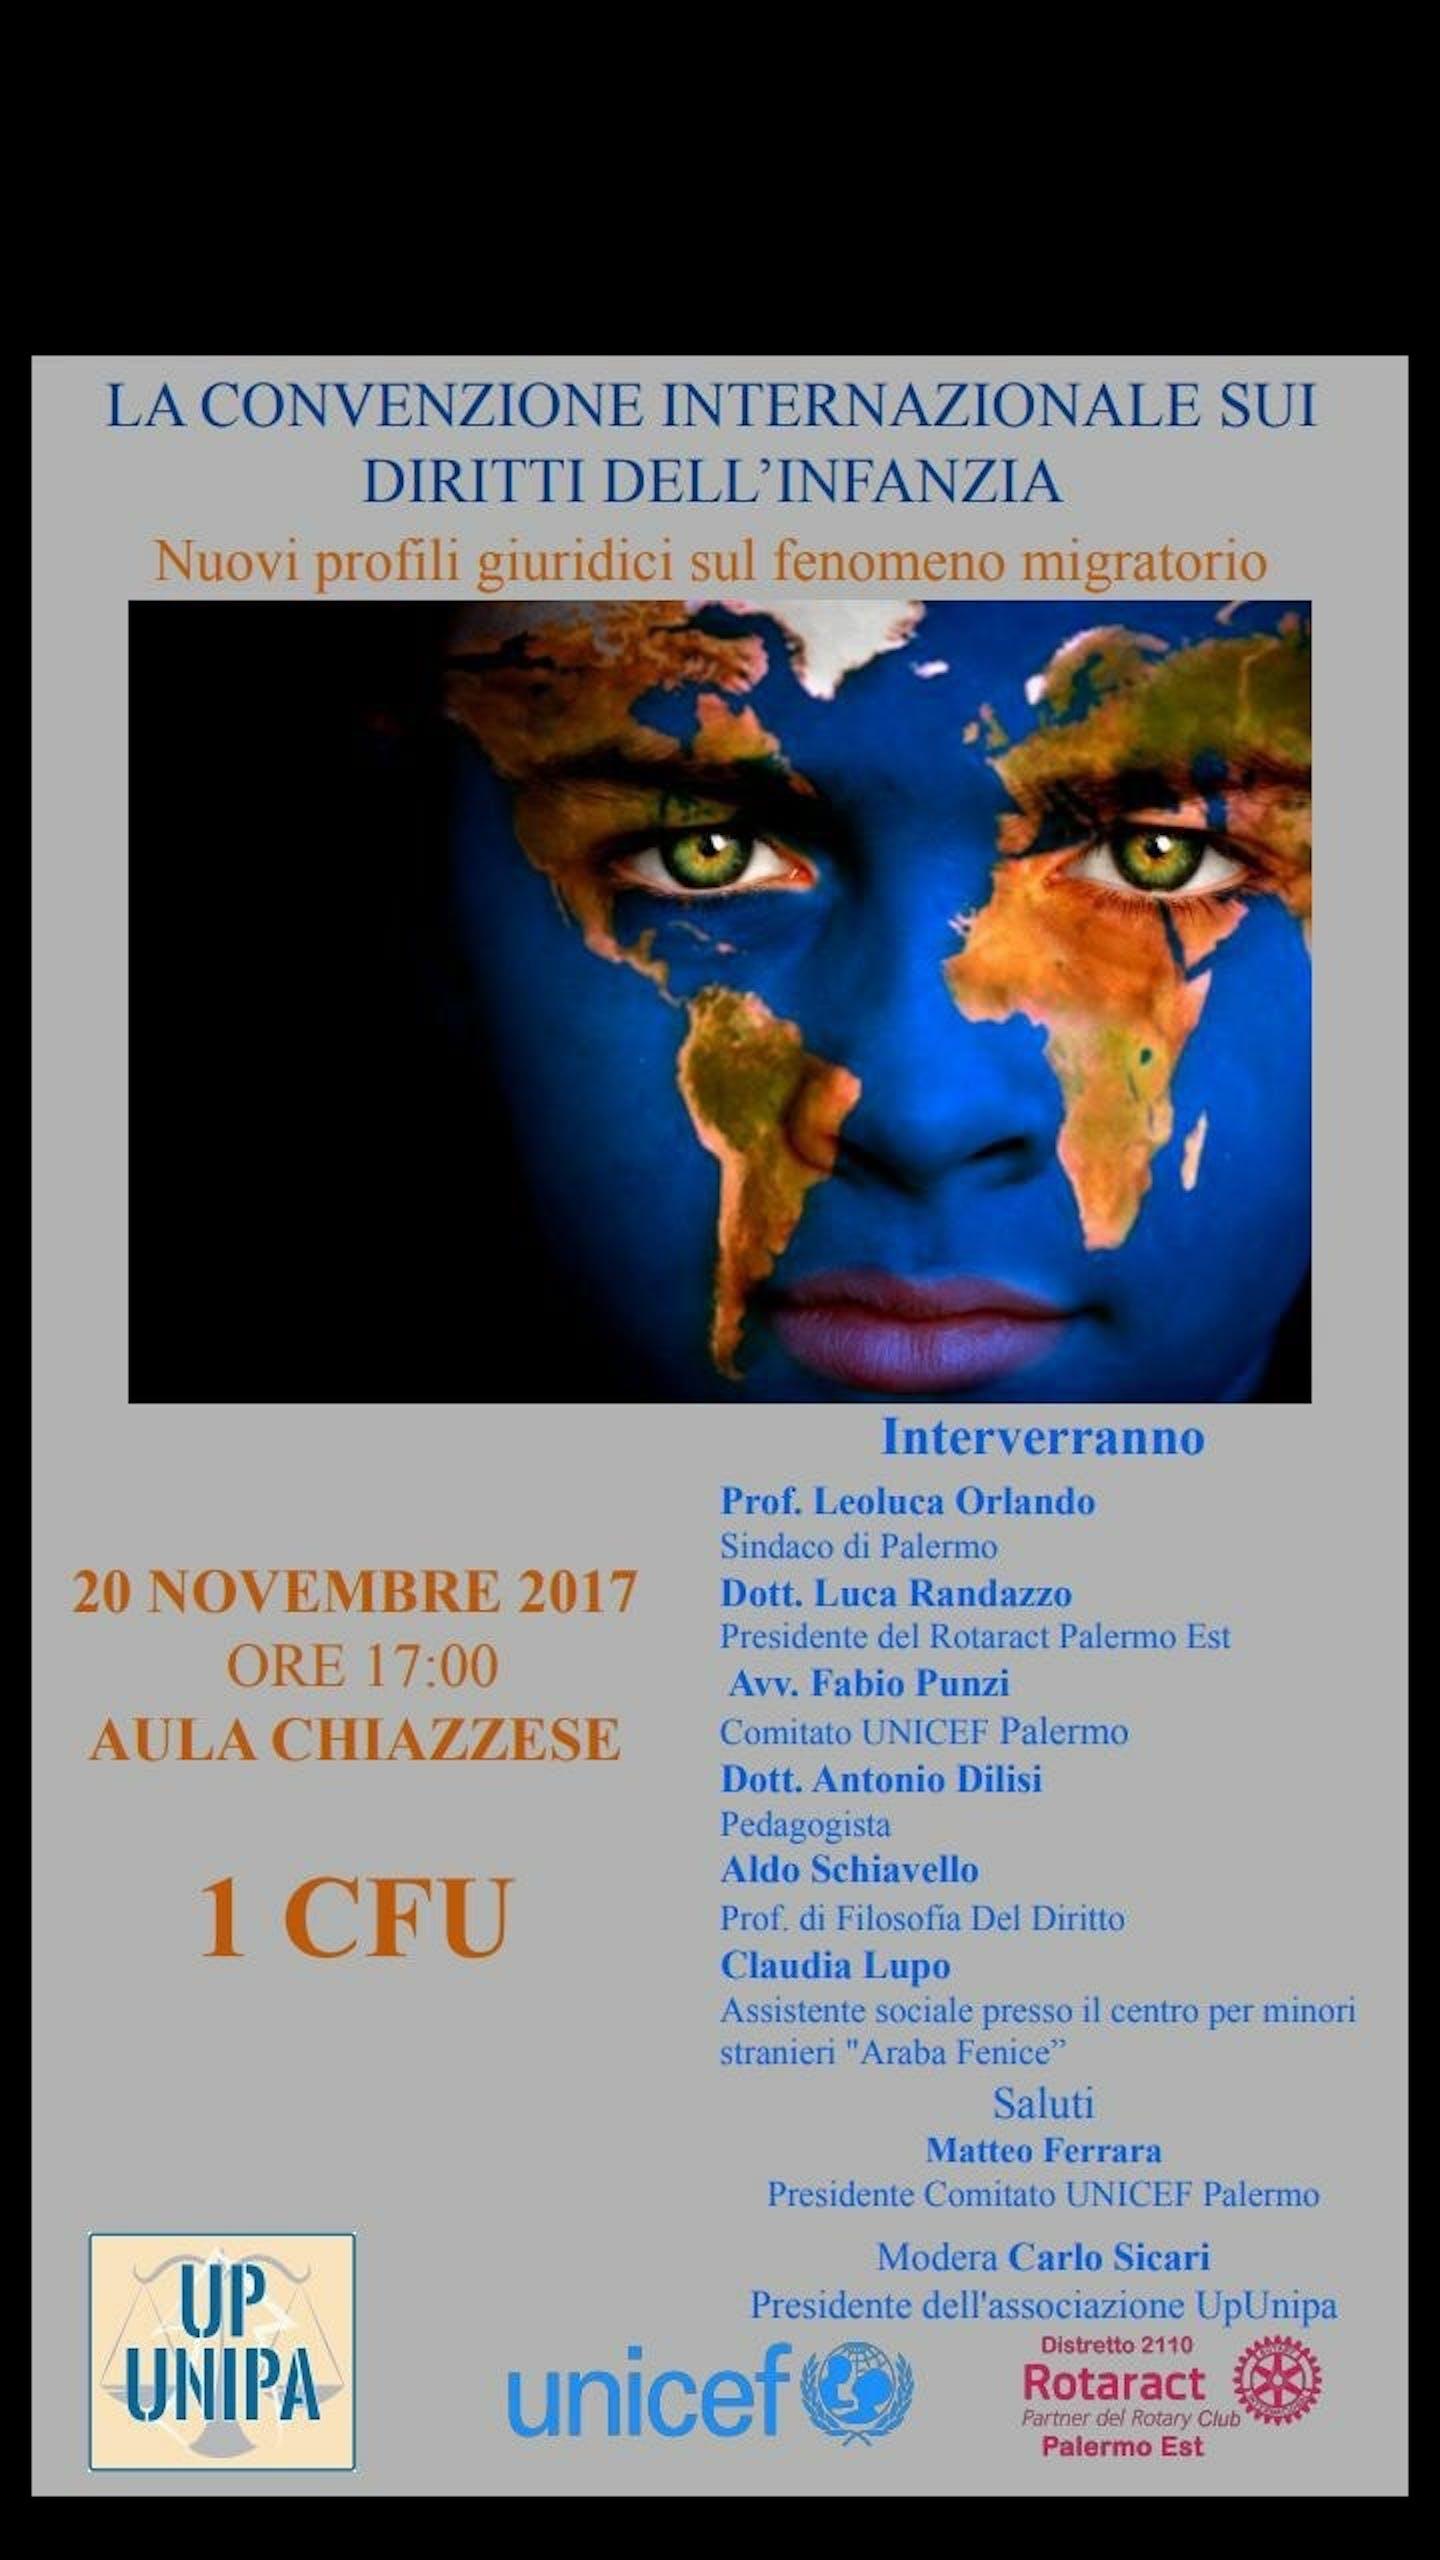 Il 20 novembre un Convegno sui diritti dell'infanzia a Palermo